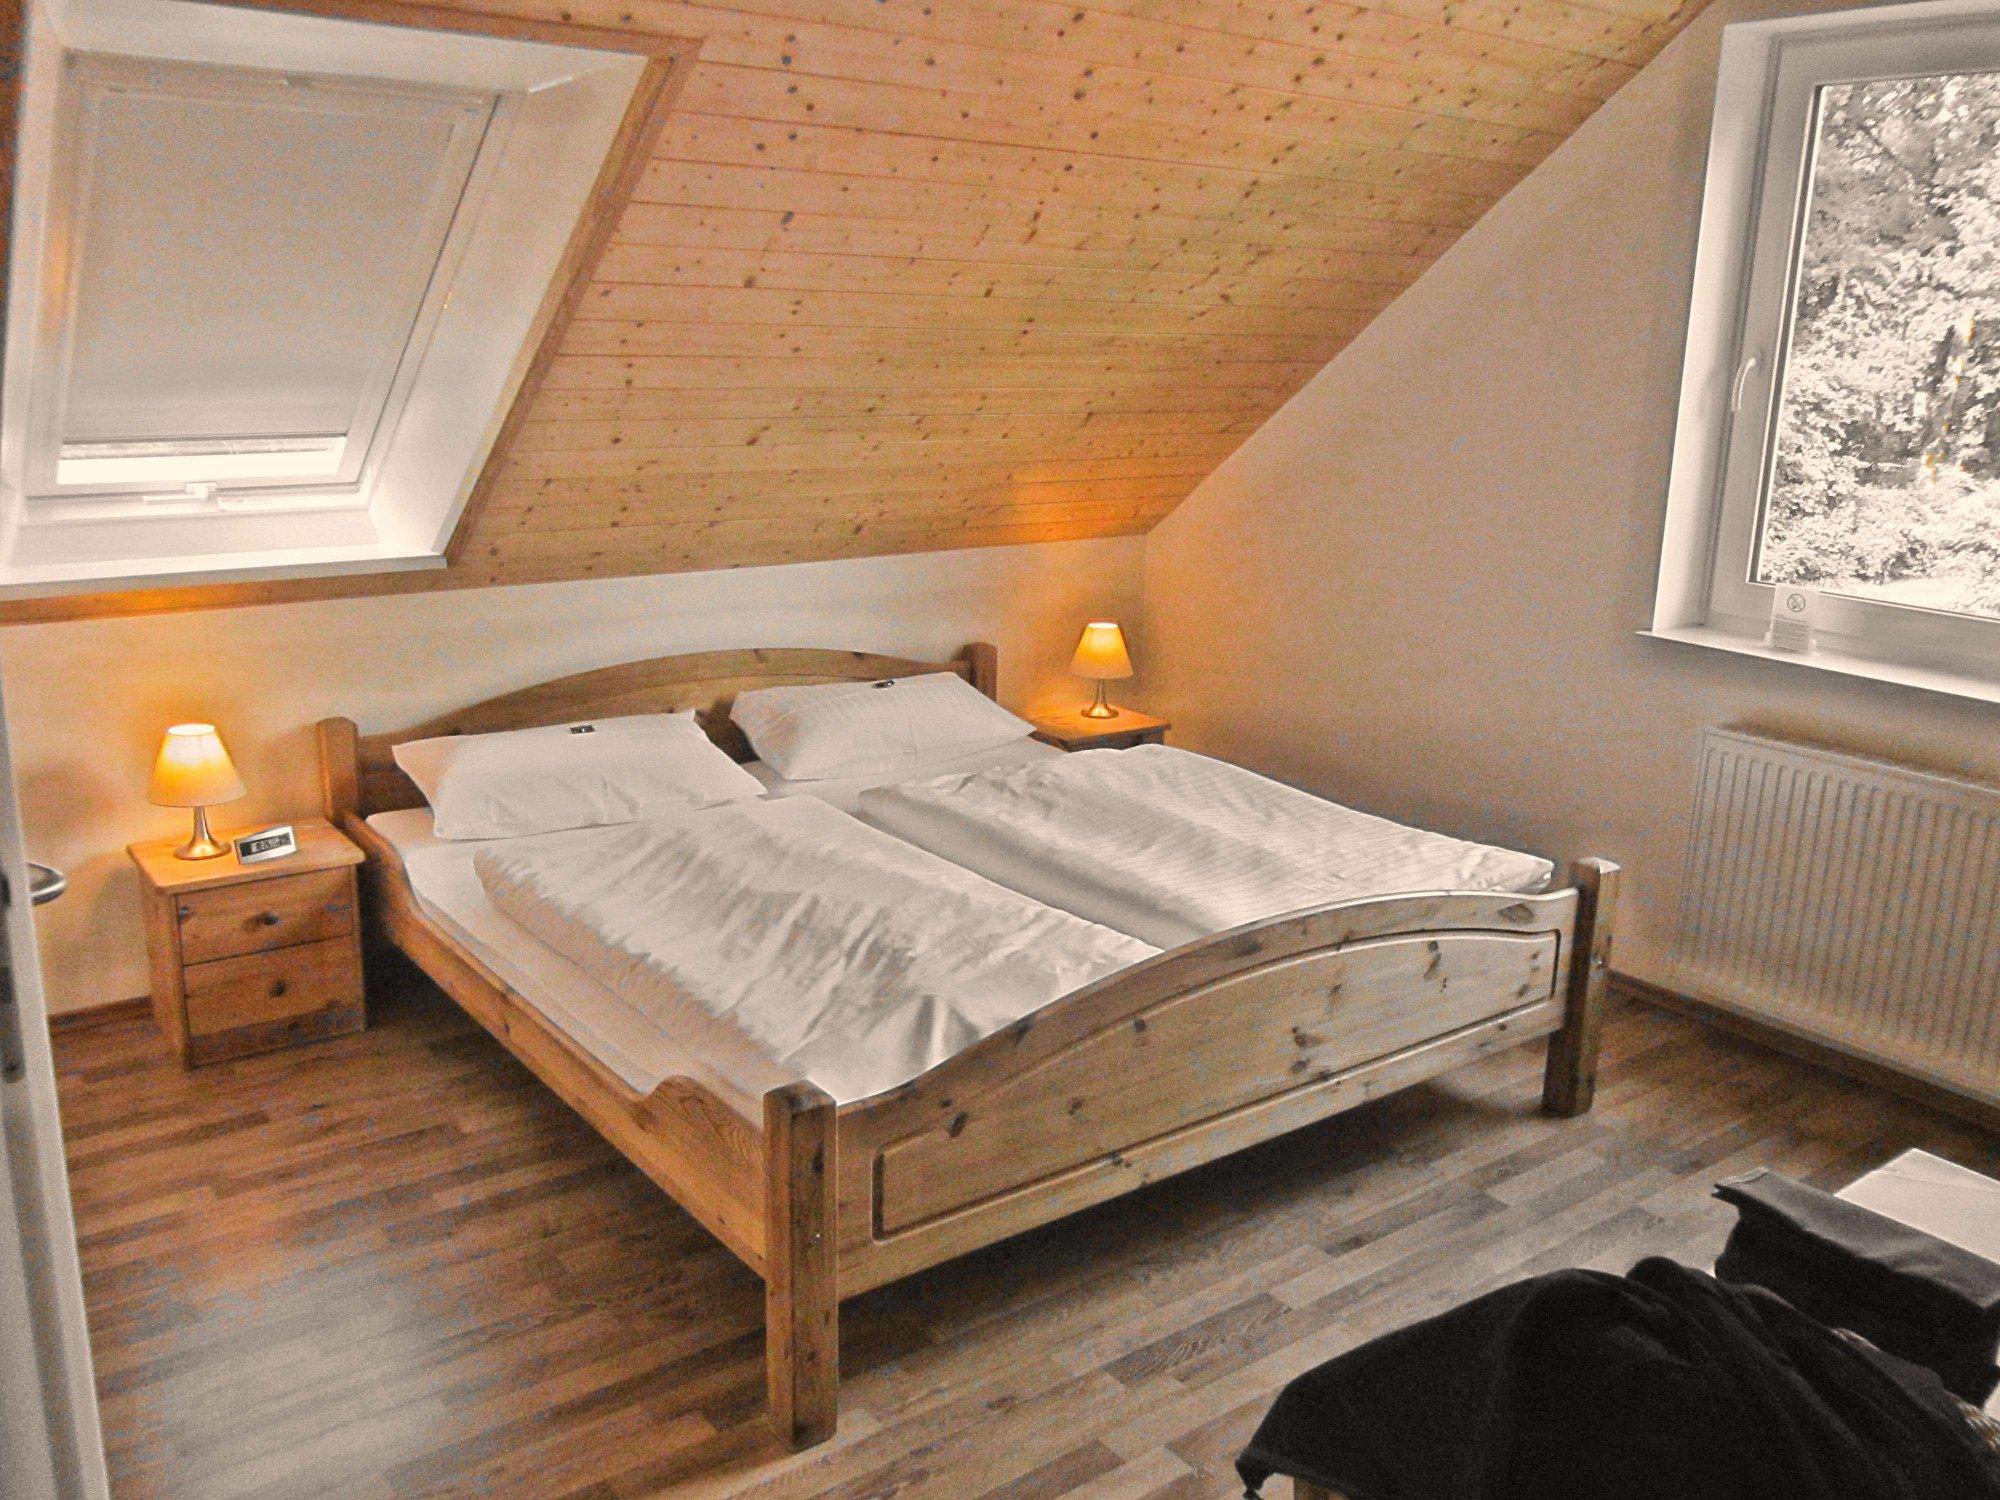 Haus Biederstaedt